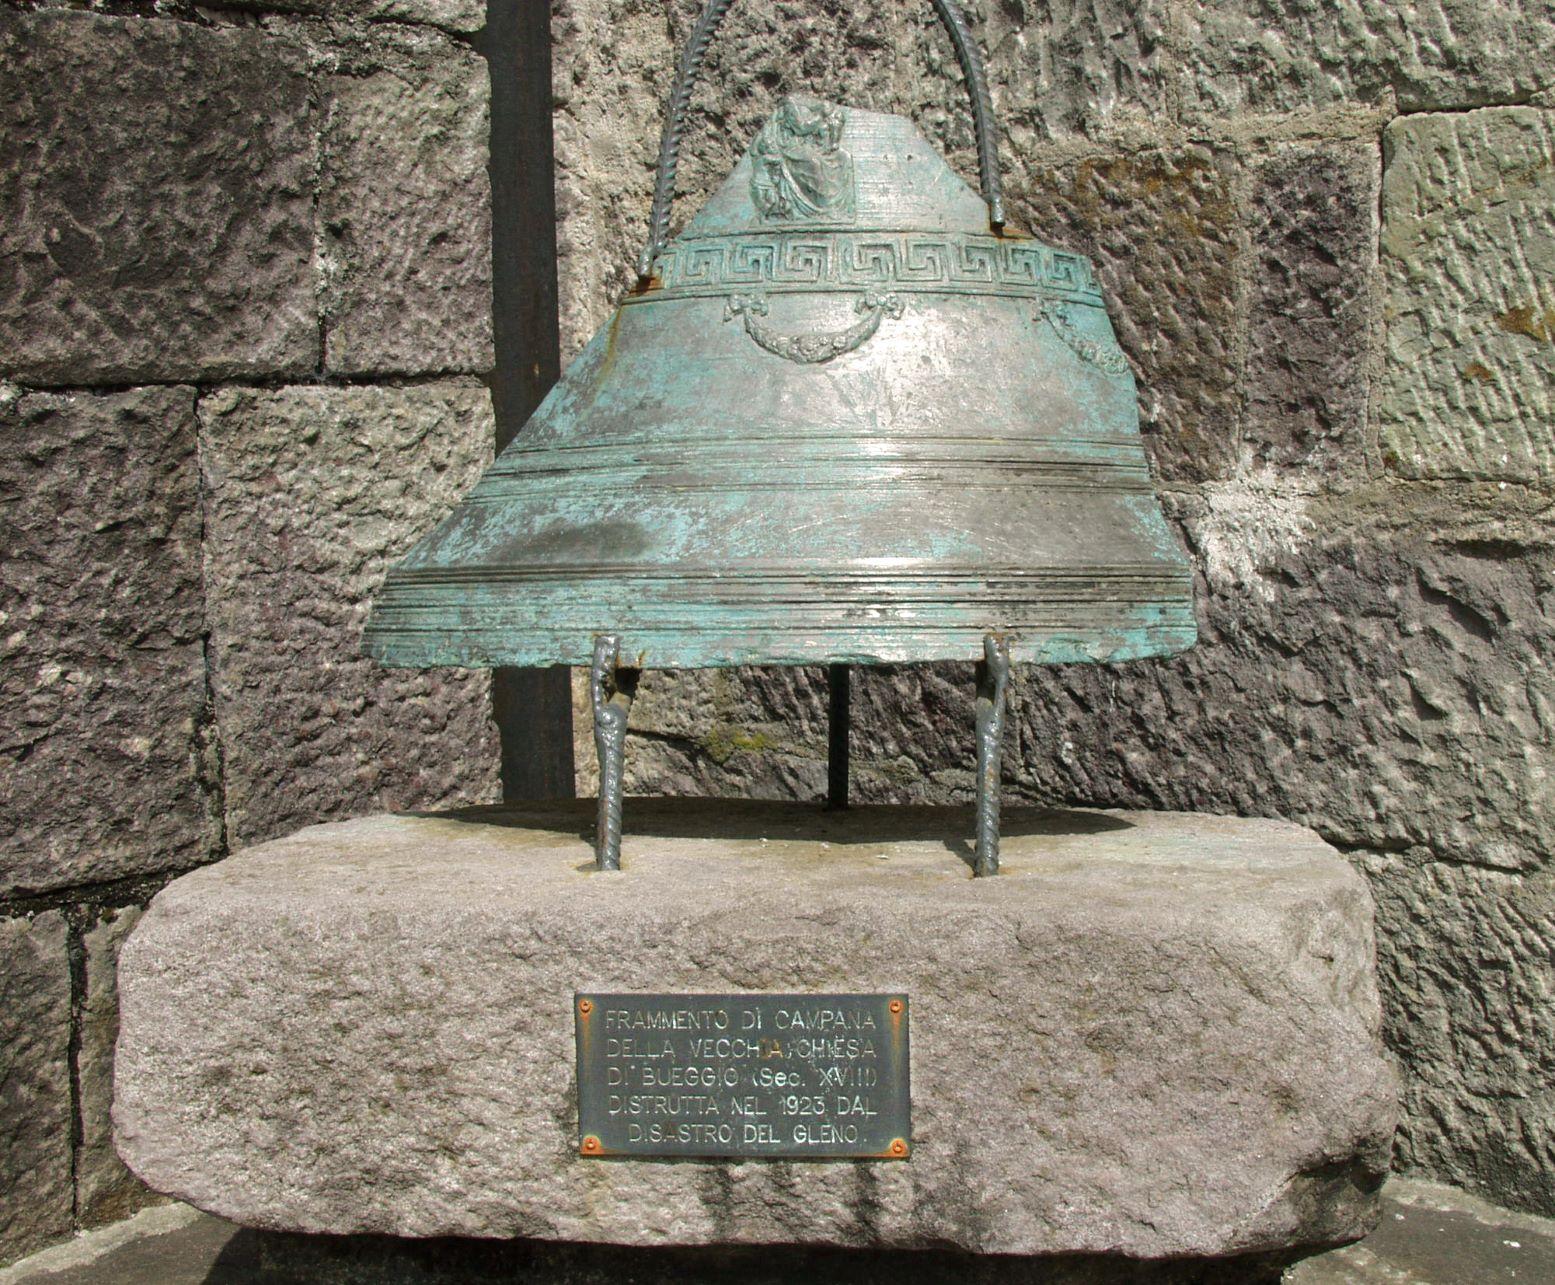 Frammento di campana della vecchia chiesa di Bueggio